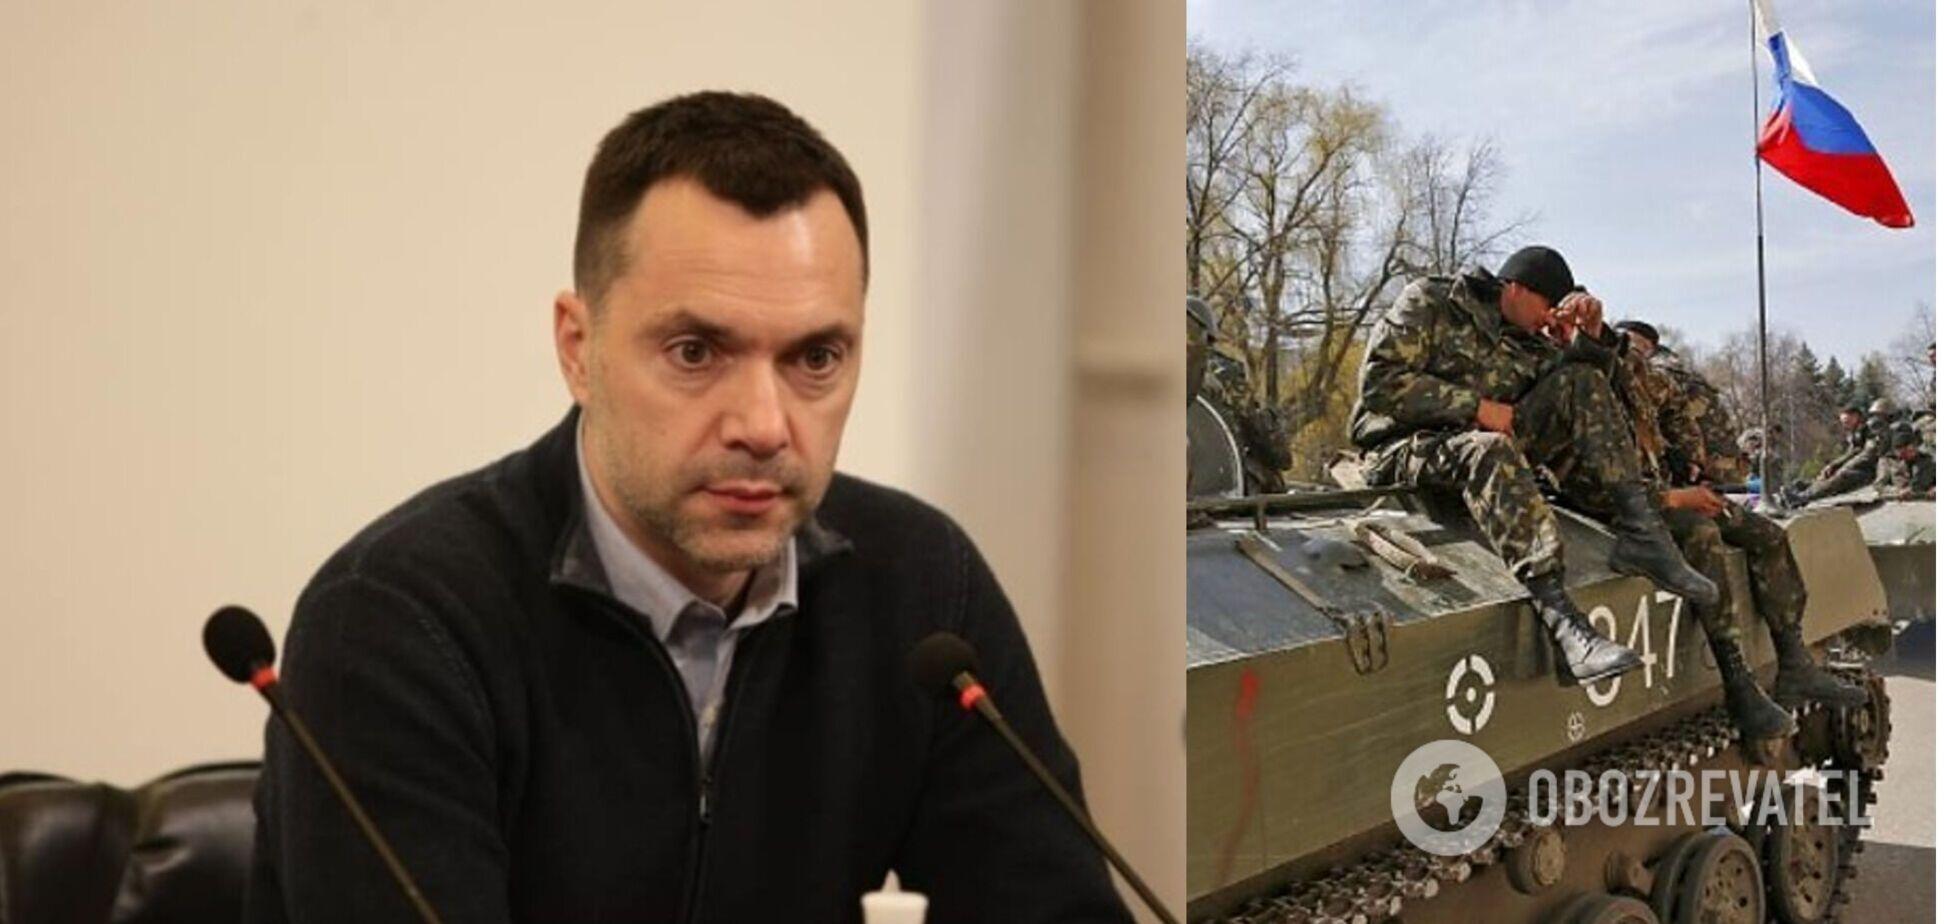 В случае наступления на Украину России грозят огромные потери и санкции, - Арестович